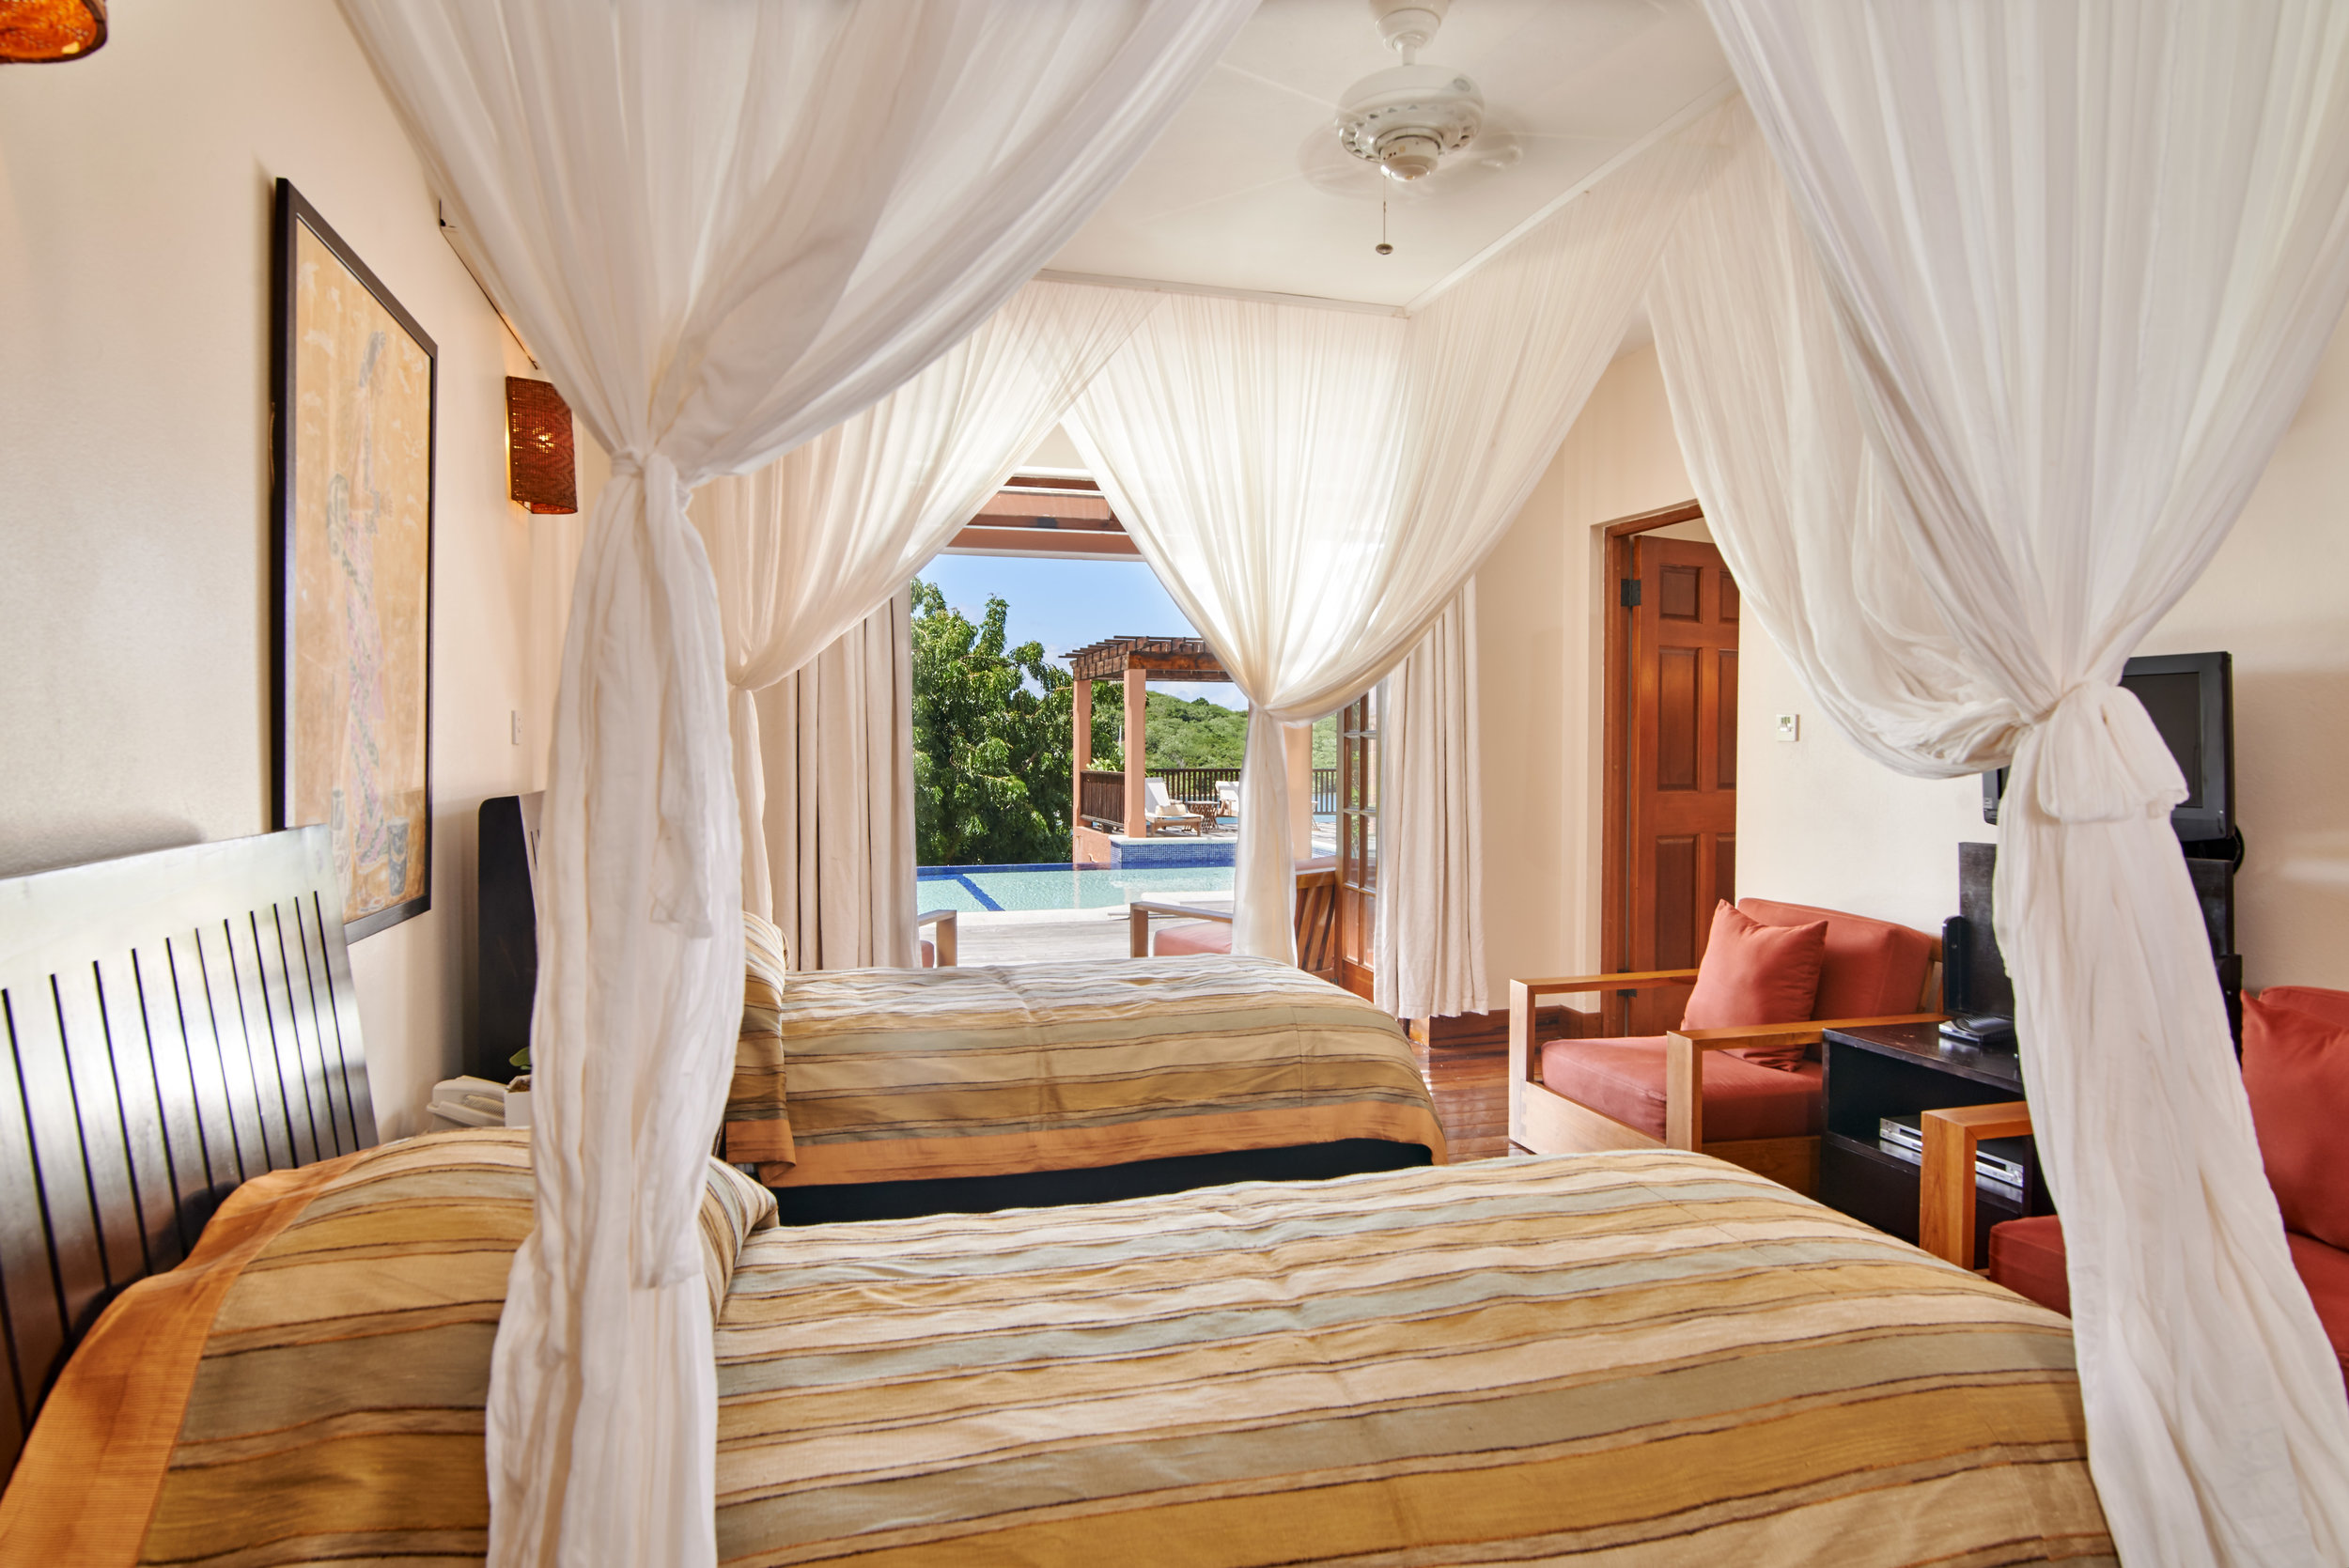 PoolHouse_bedroom2_2.jpg